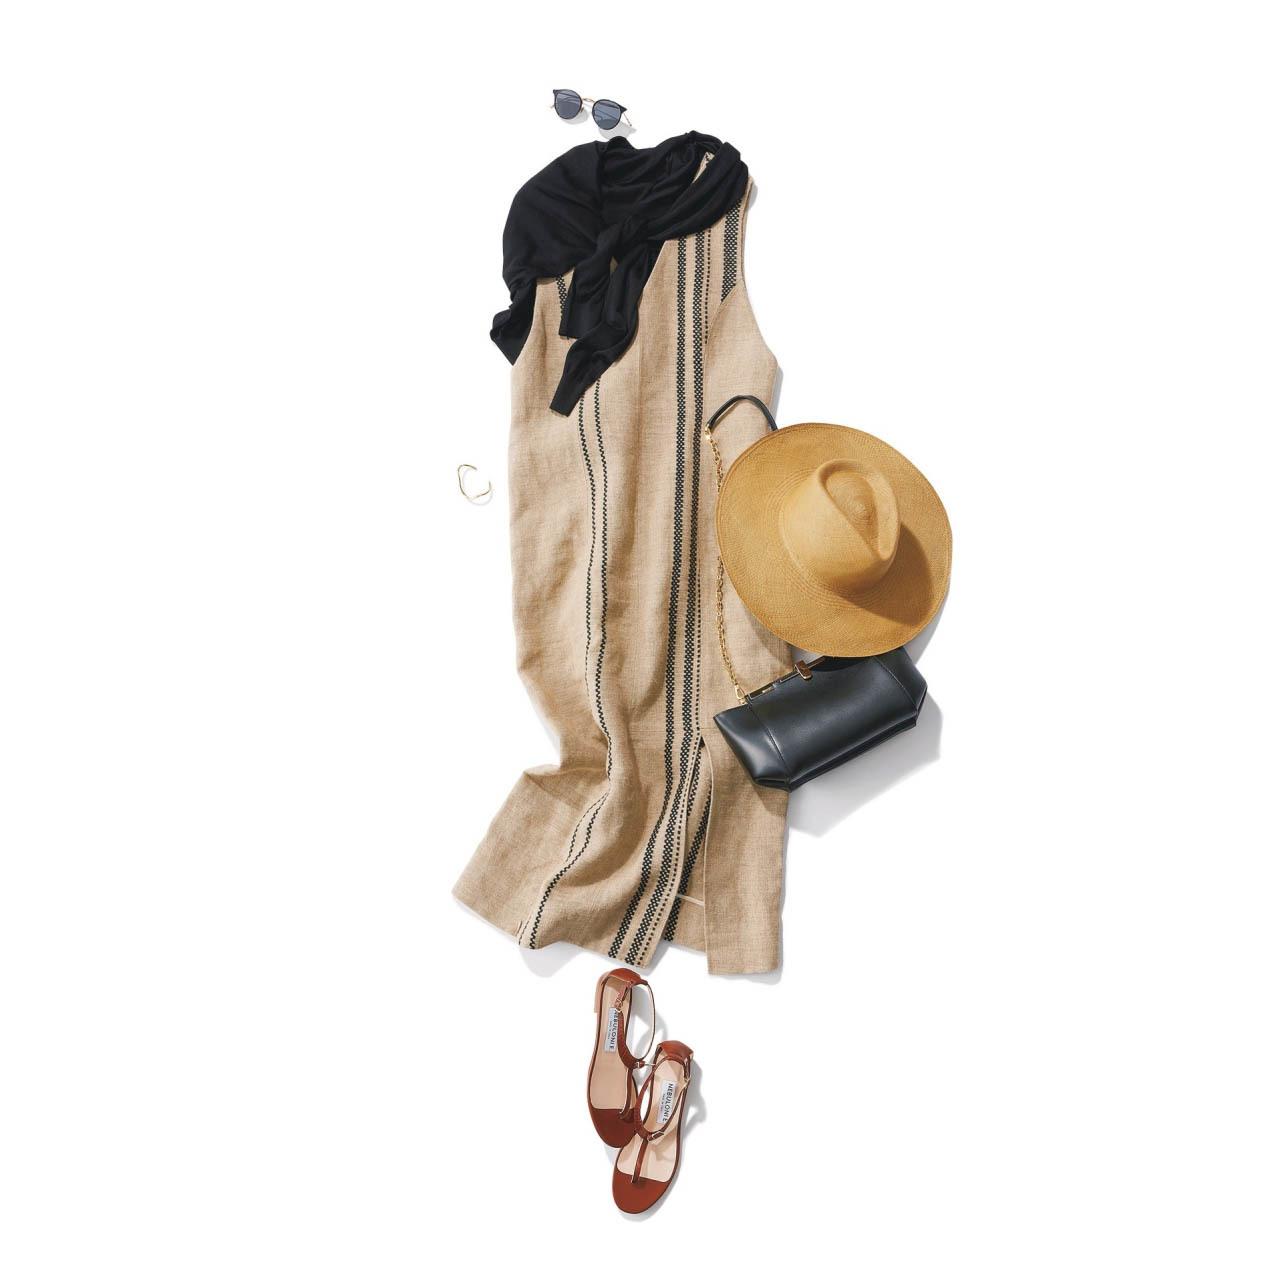 ■帽子×肩がけカーディガン×リネンのロングワンピースコーデ